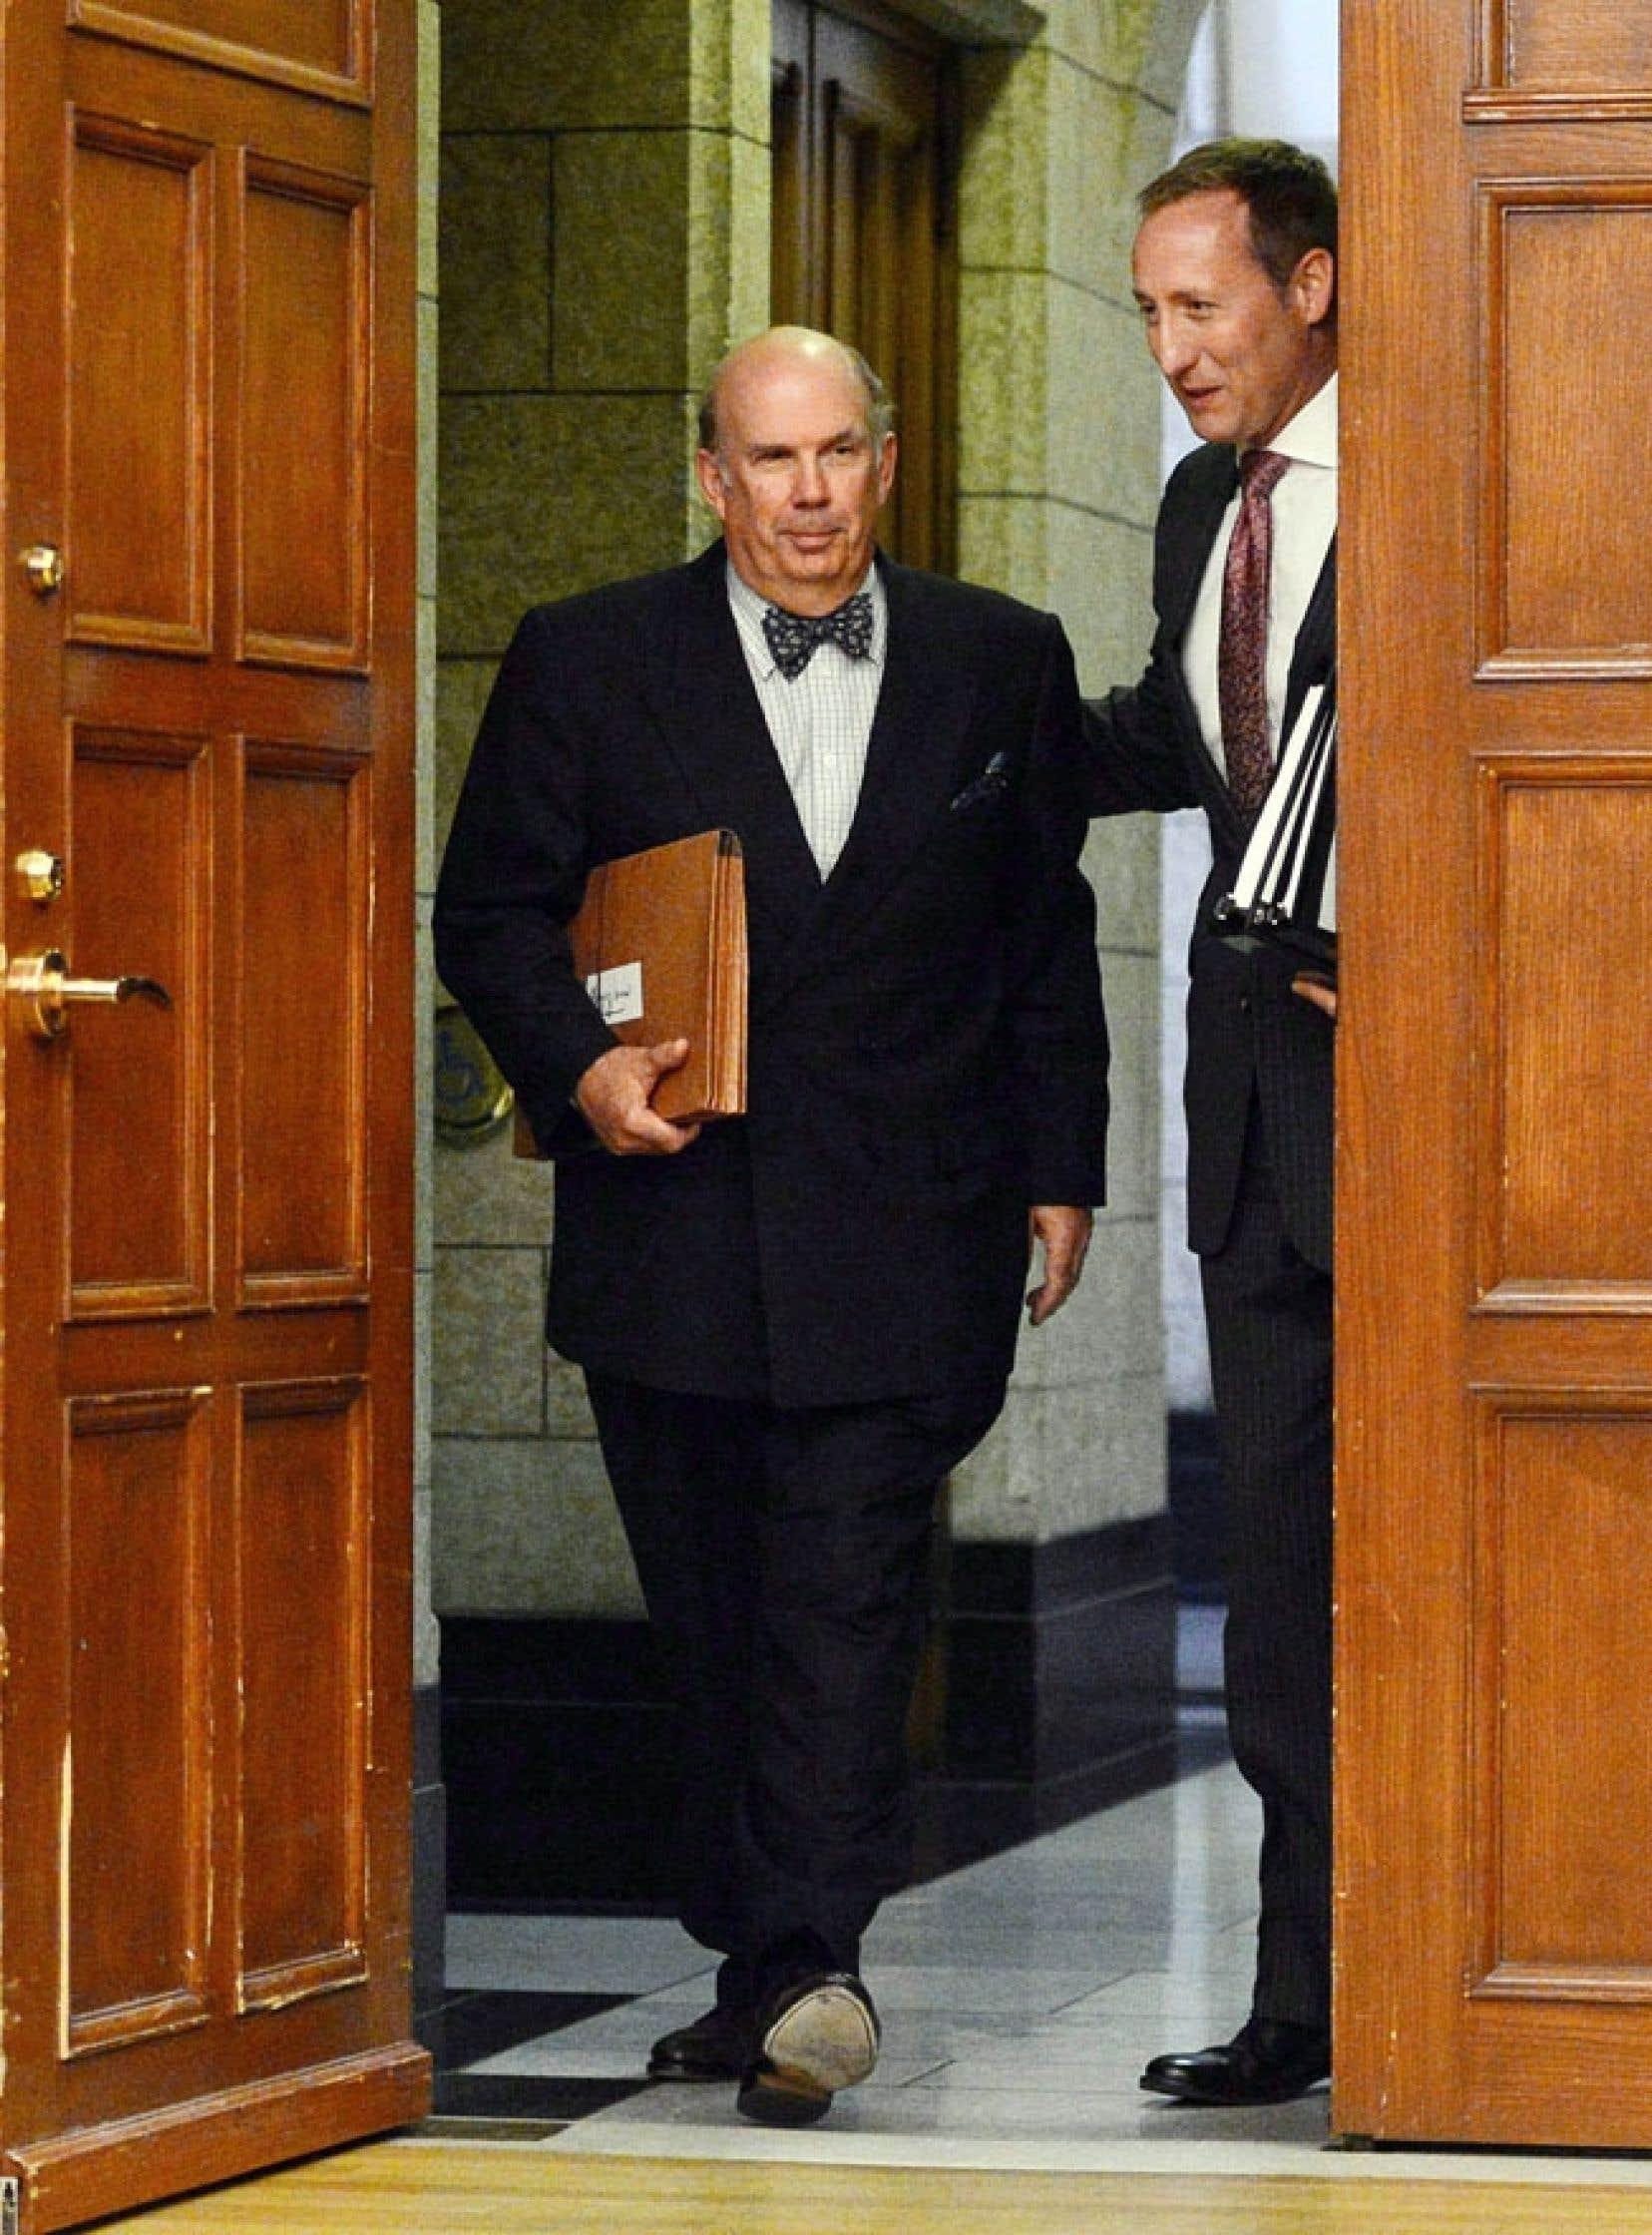 À la lumière de plusieurs décisions, force est d'admettre que le juge Nadon est compétent et aurait bien représenté le Québec au sein de la Cour suprême. Ci-dessus, il est accompagné du ministre Peter MacKay.